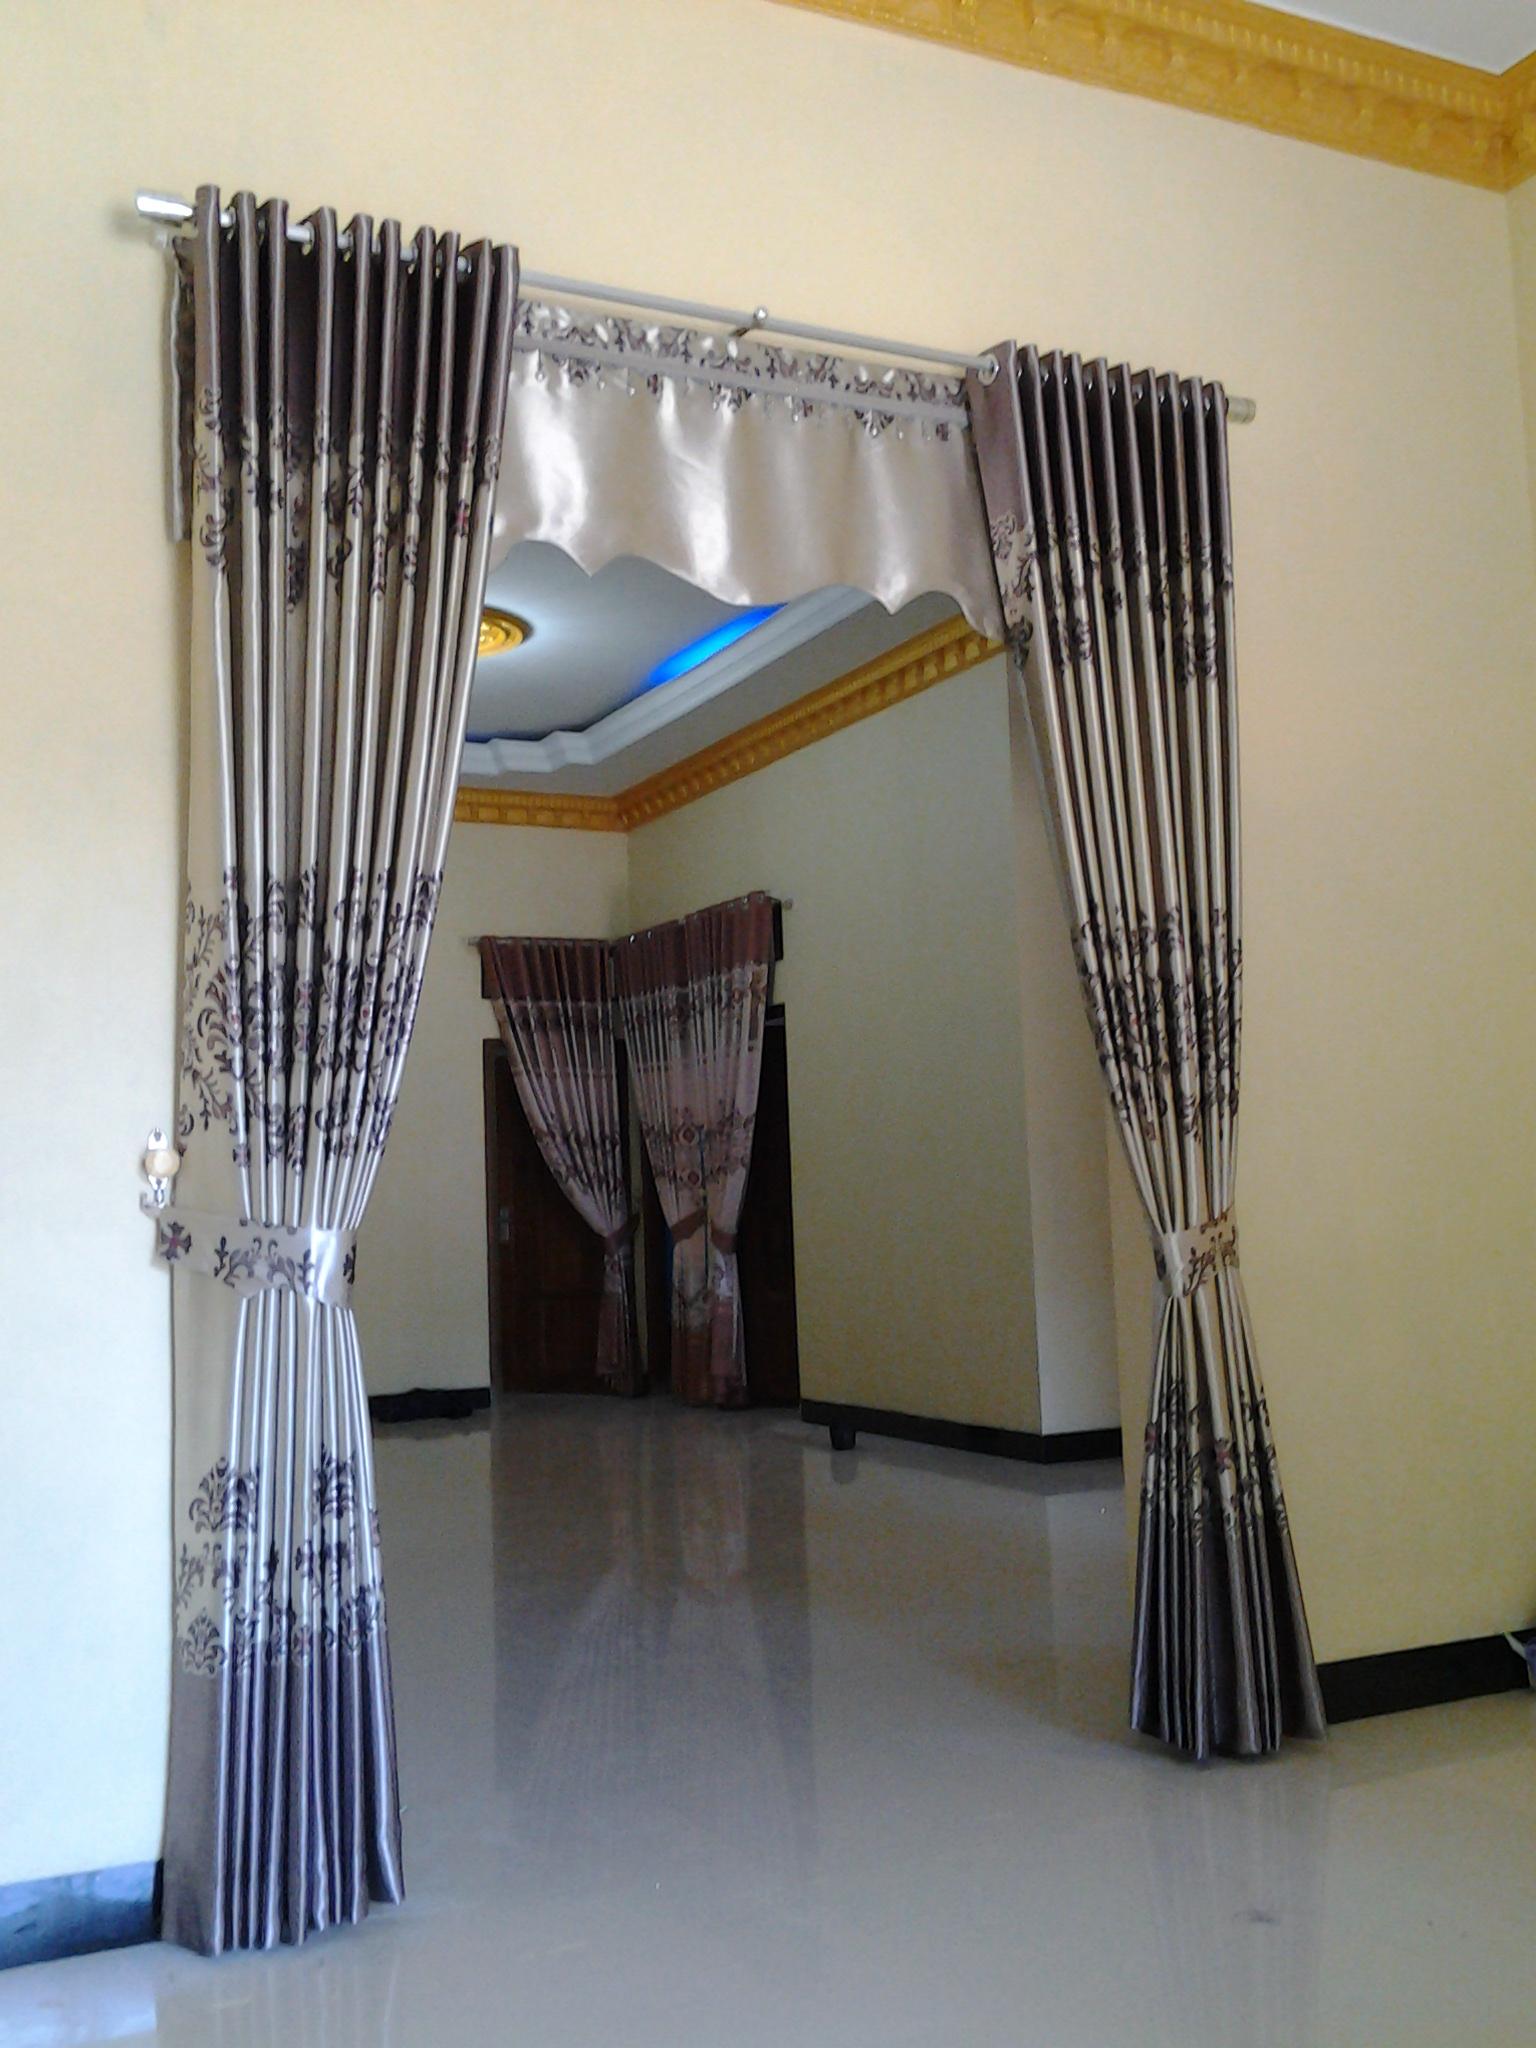 Pusat Gorden Dan wallpaper  Unggul Dalam Design Dan Mutu